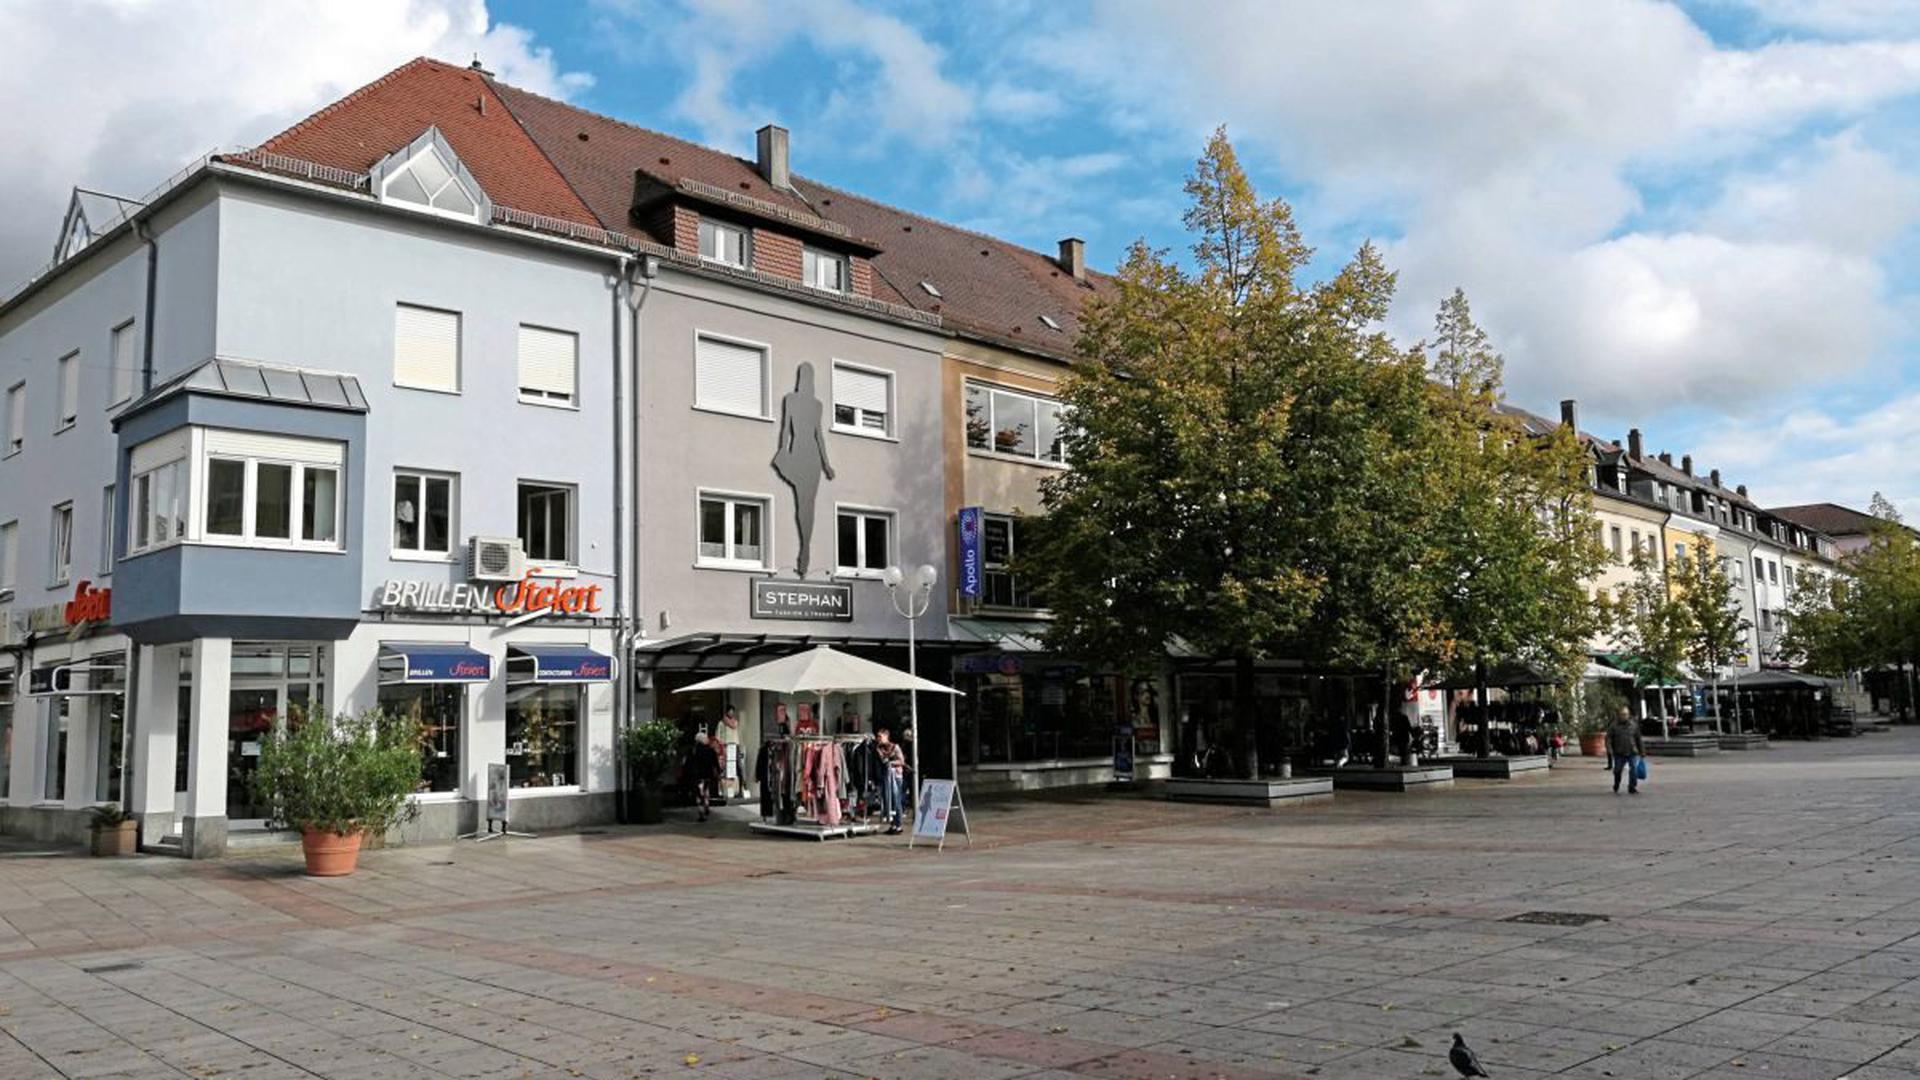 """Erdgeschoss mit Laden, zwei Stockwerke und ein Dach: Solche Häuser wie hier am Marktplatz sind Hartmut Ayrle zufolge typisch für die Architektur nach dem Zweiten Weltkrieg in Bruchsal. """"Wir haben eine Innenstadt wie aus einem Guss"""", sagt der Leiter des Stadtplanungsamts."""